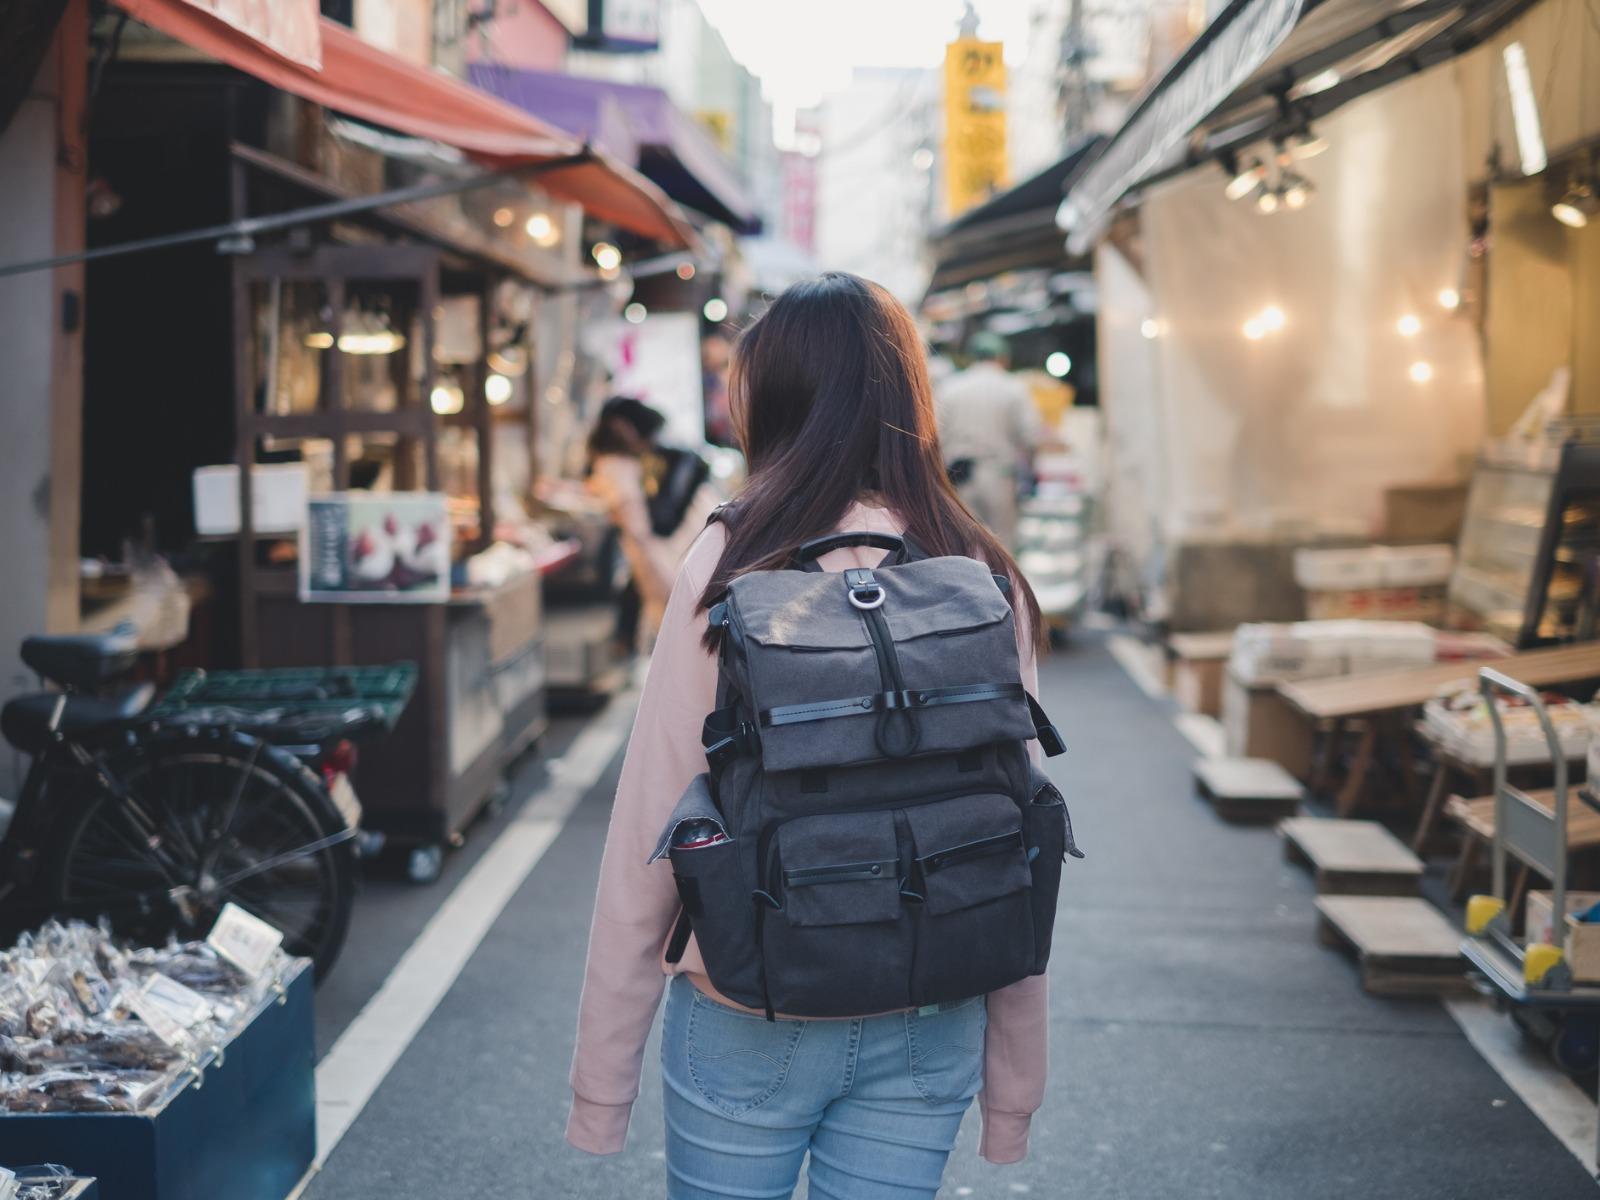 一人旅で海外は危険?女性や初心者でも安心な旅行術を紹介